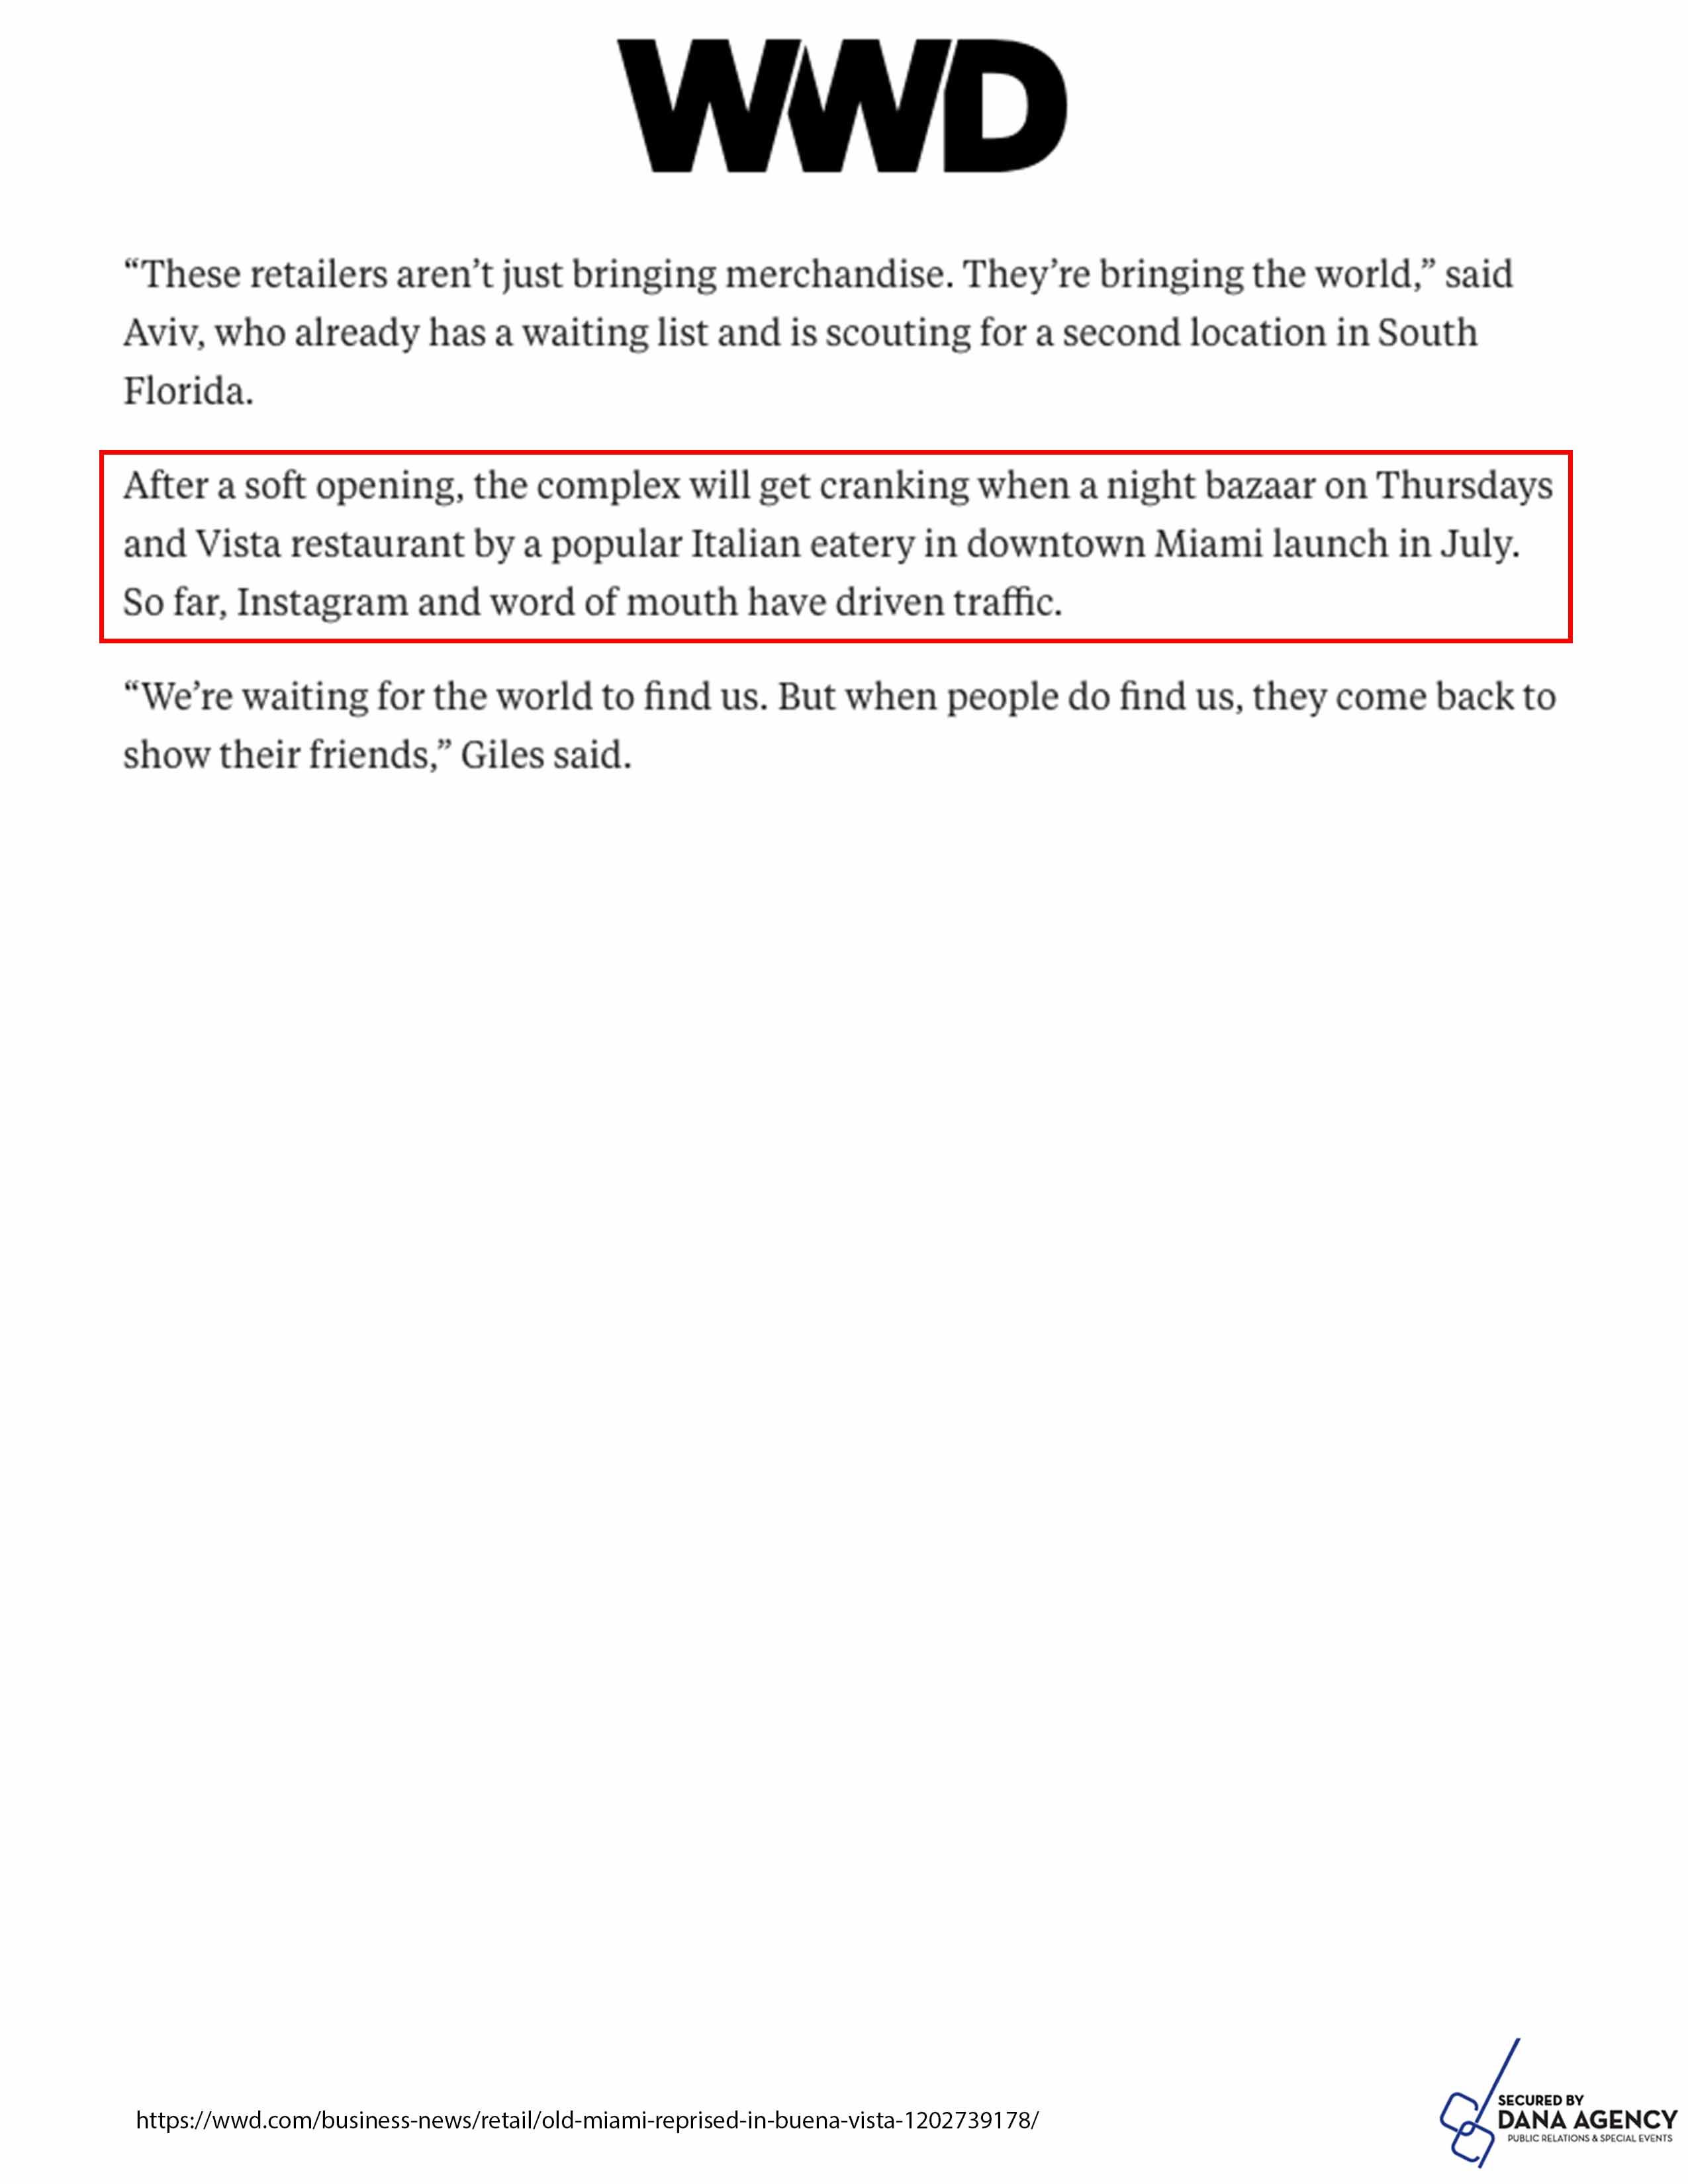 WWD_6.28.18_Online_Page5